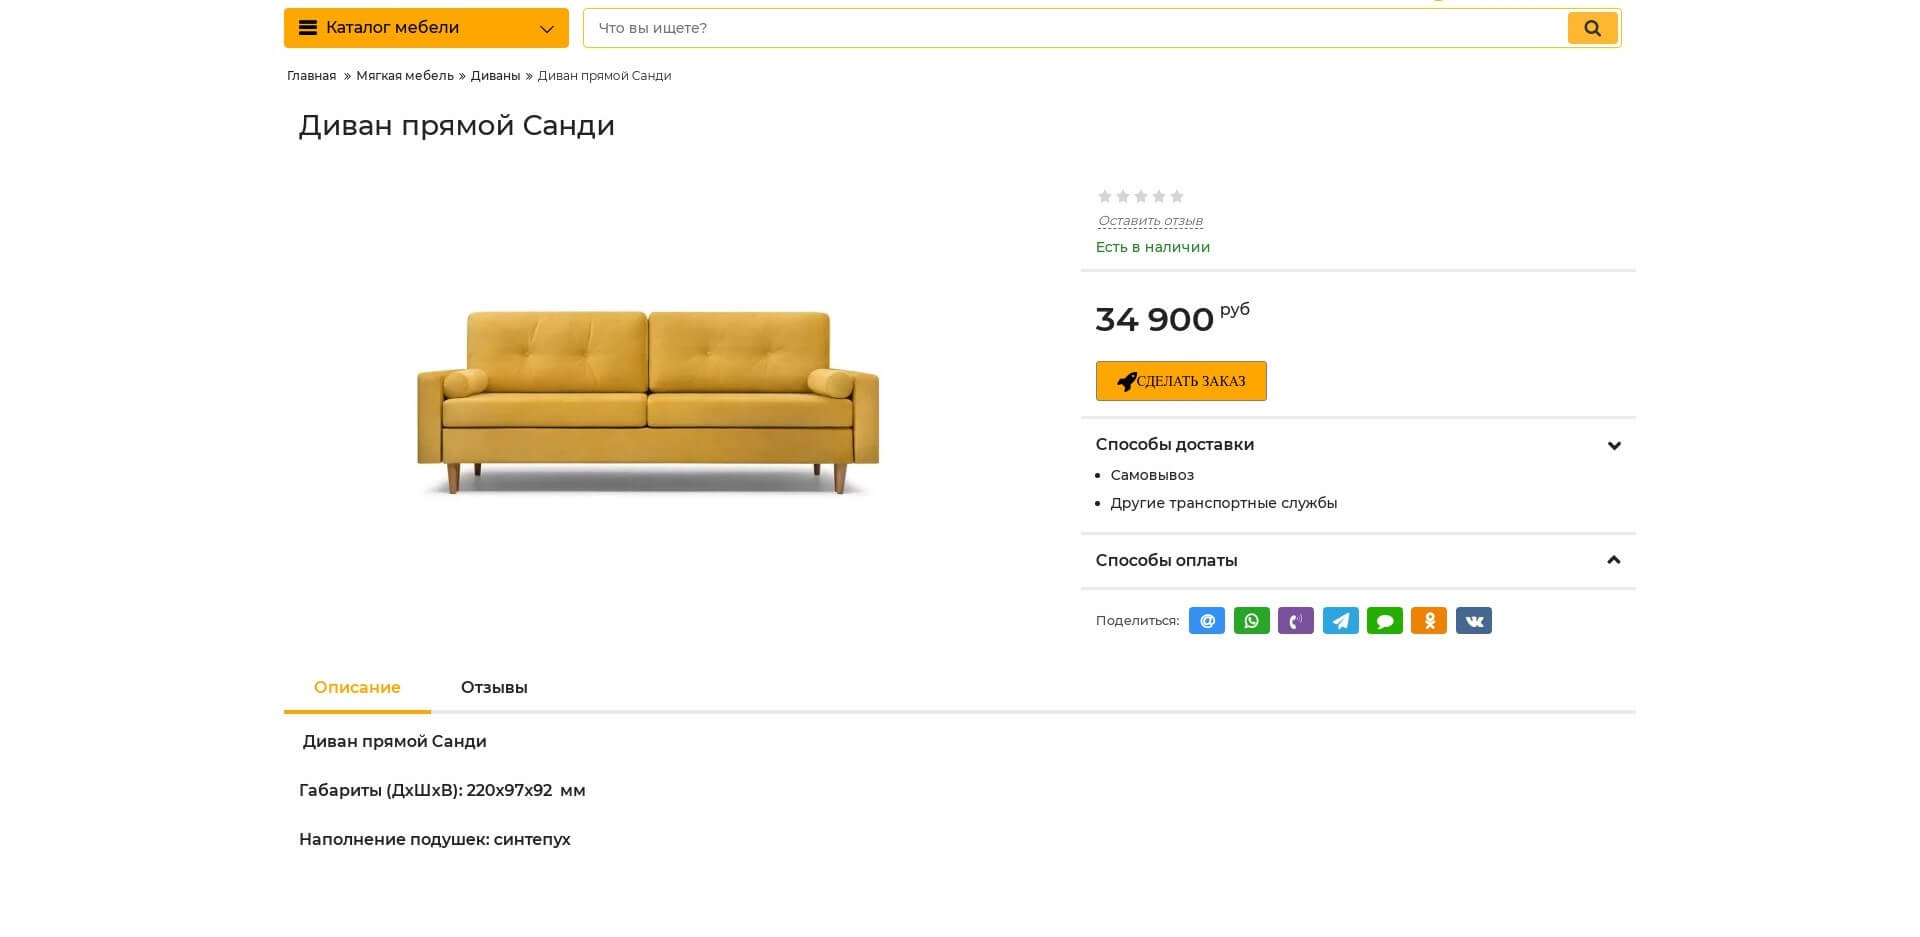 Скриншот №3 страницы сайта во весь экран. Интернет каталог мебели